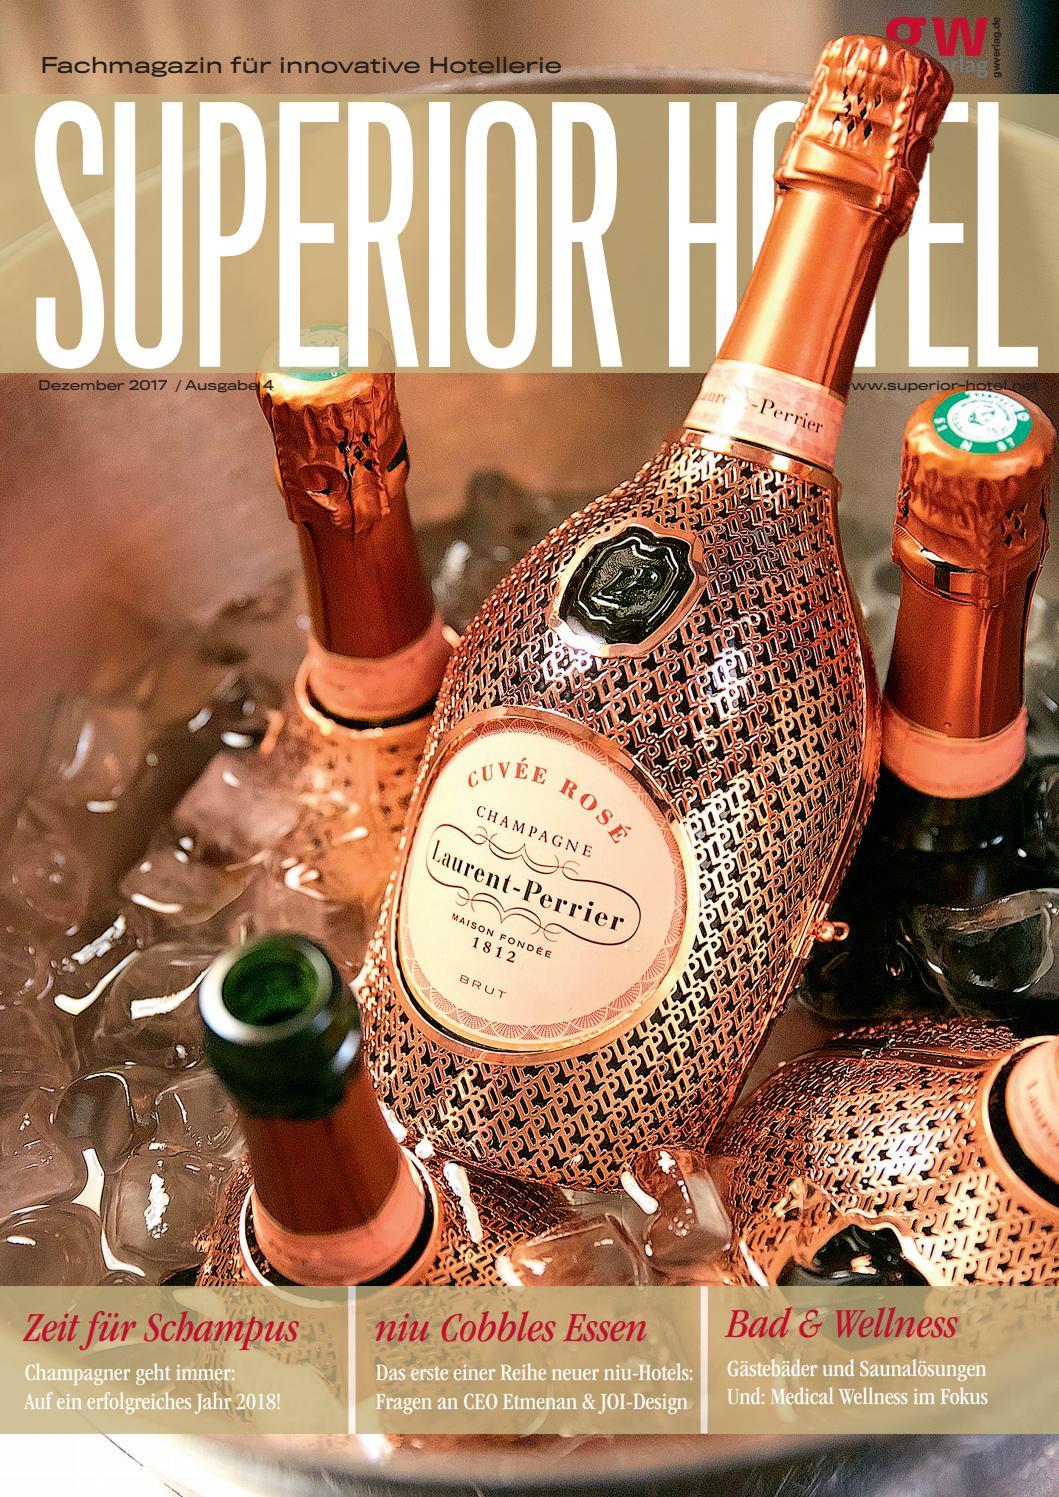 Superior Hotel 4/2017 by GW VERLAG - issuu